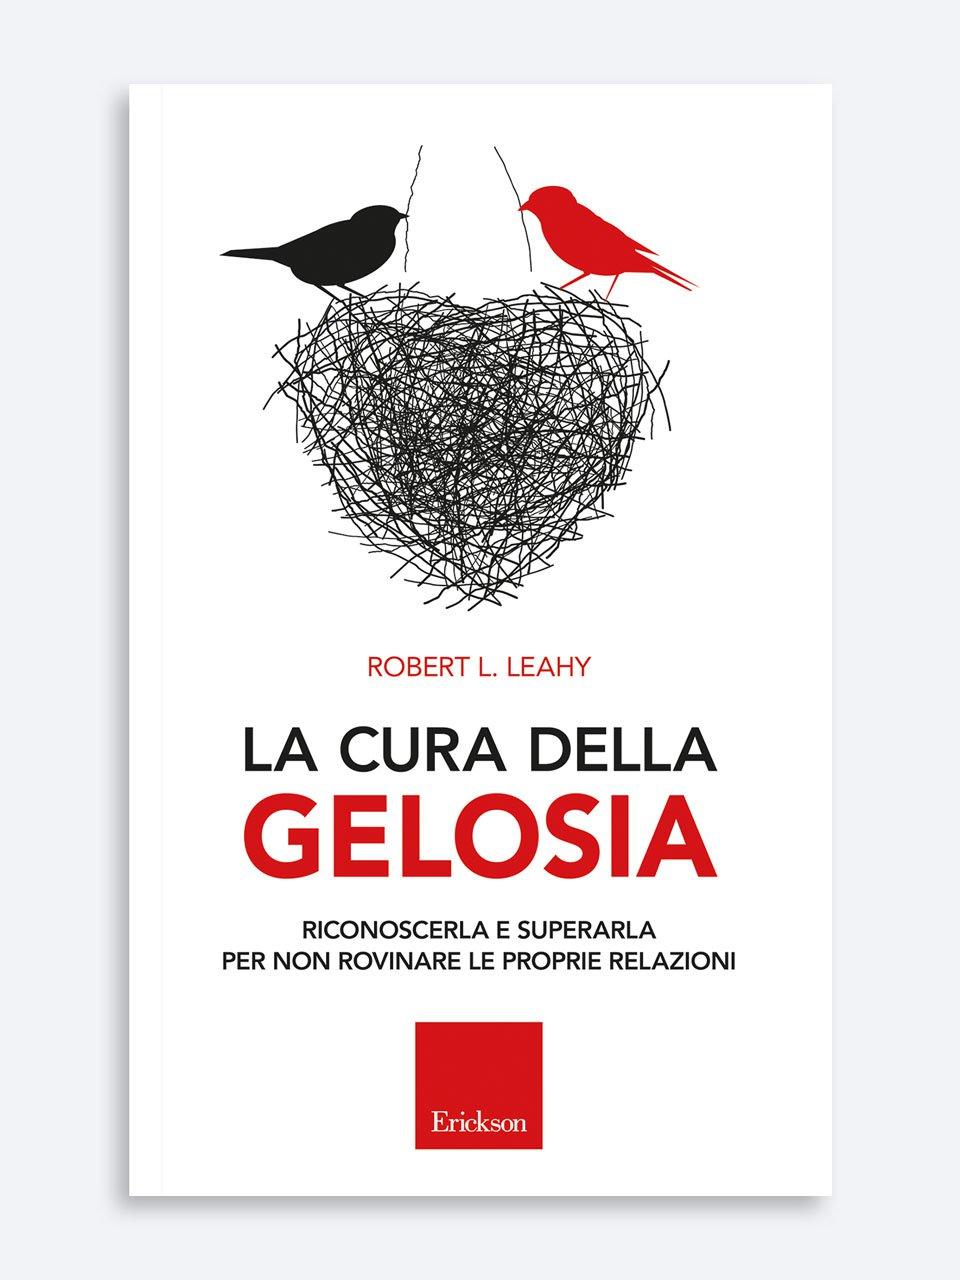 La cura della gelosia - Stop all'ansia sociale - Libri - Erickson